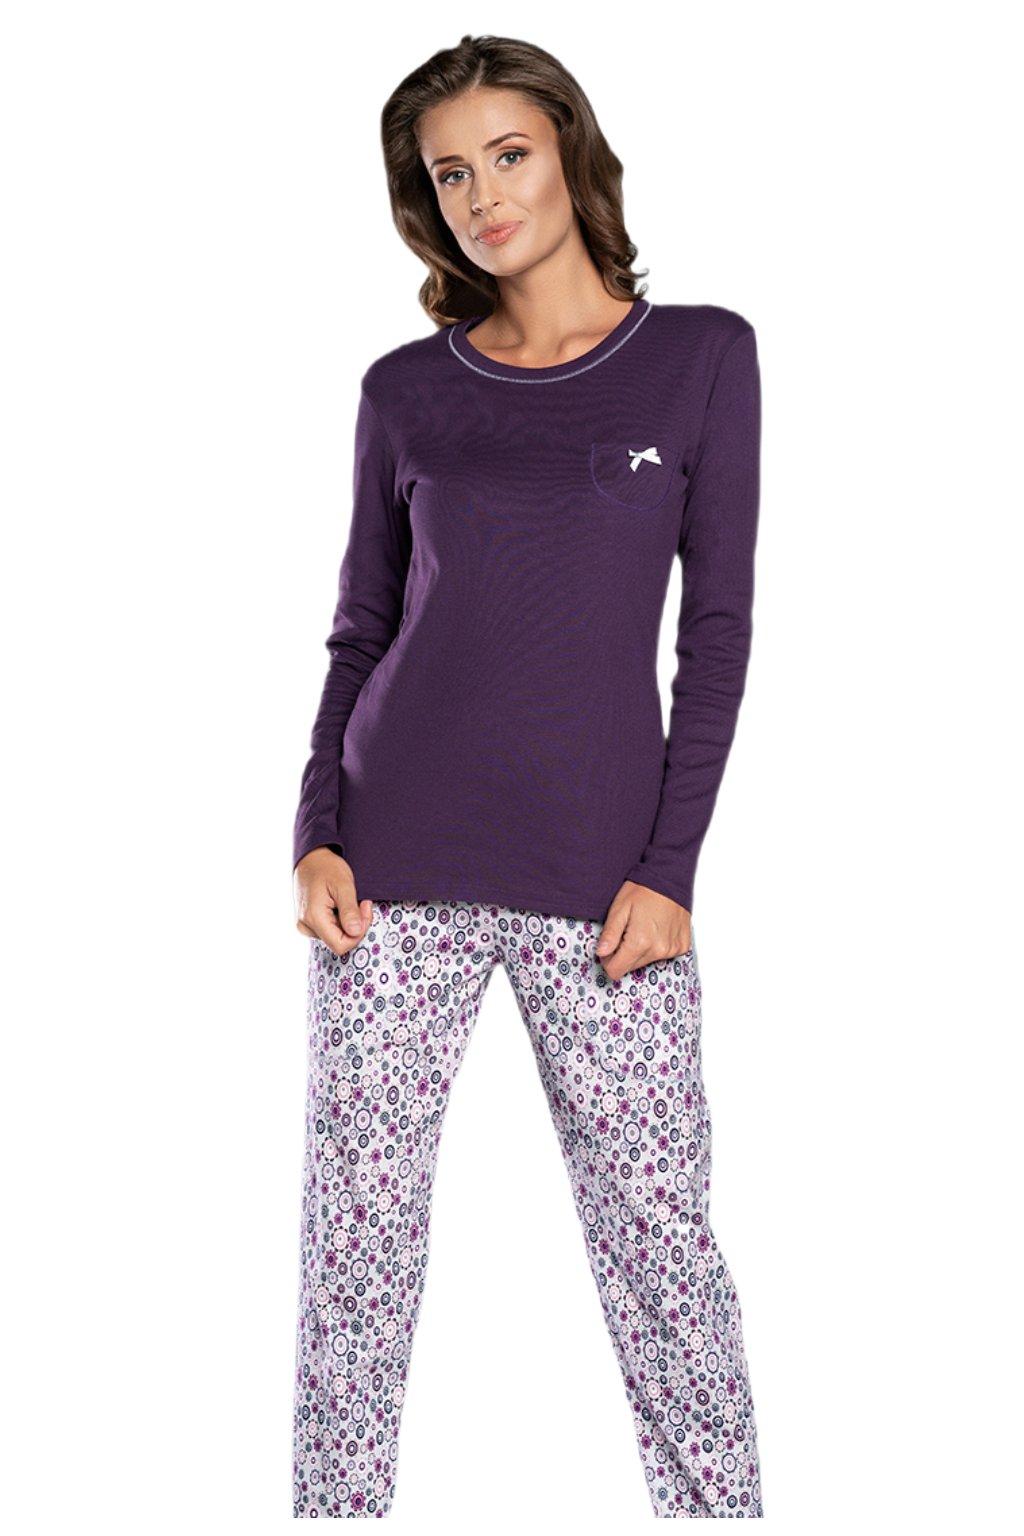 Dámské bavlněné pyžamo s dlouhým rukávem Italian Fashion Lira.